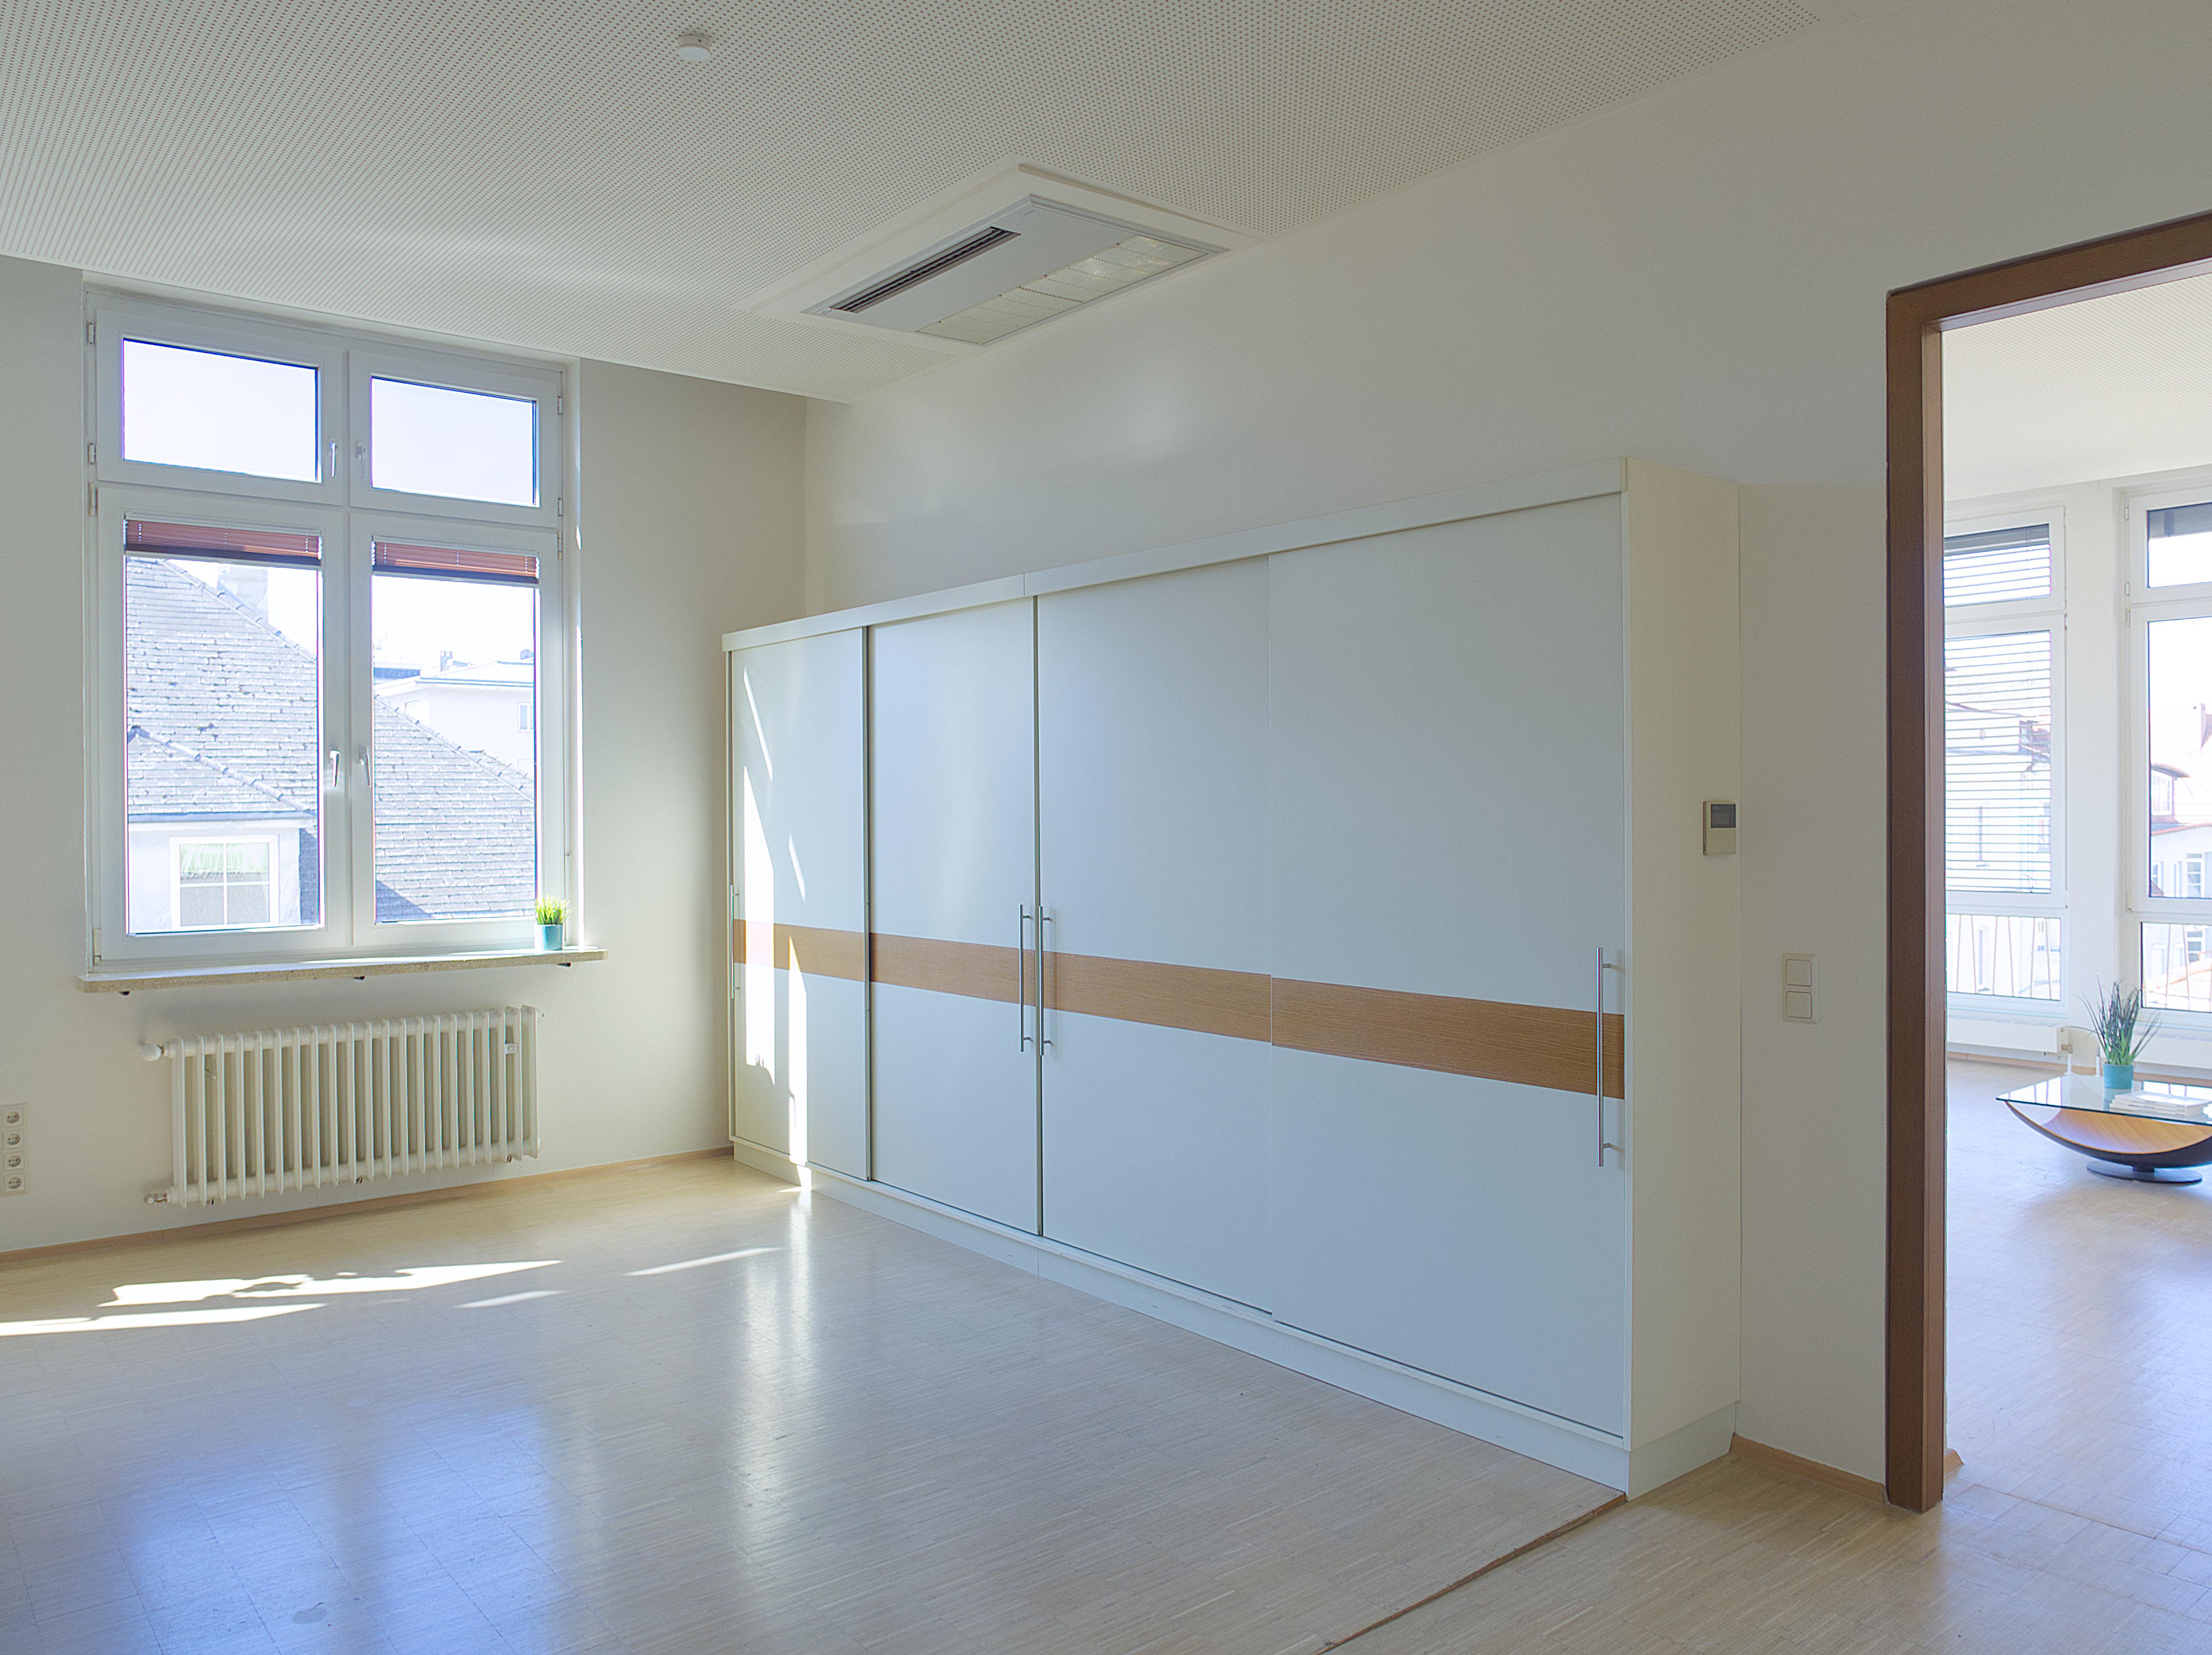 2. Büroraum